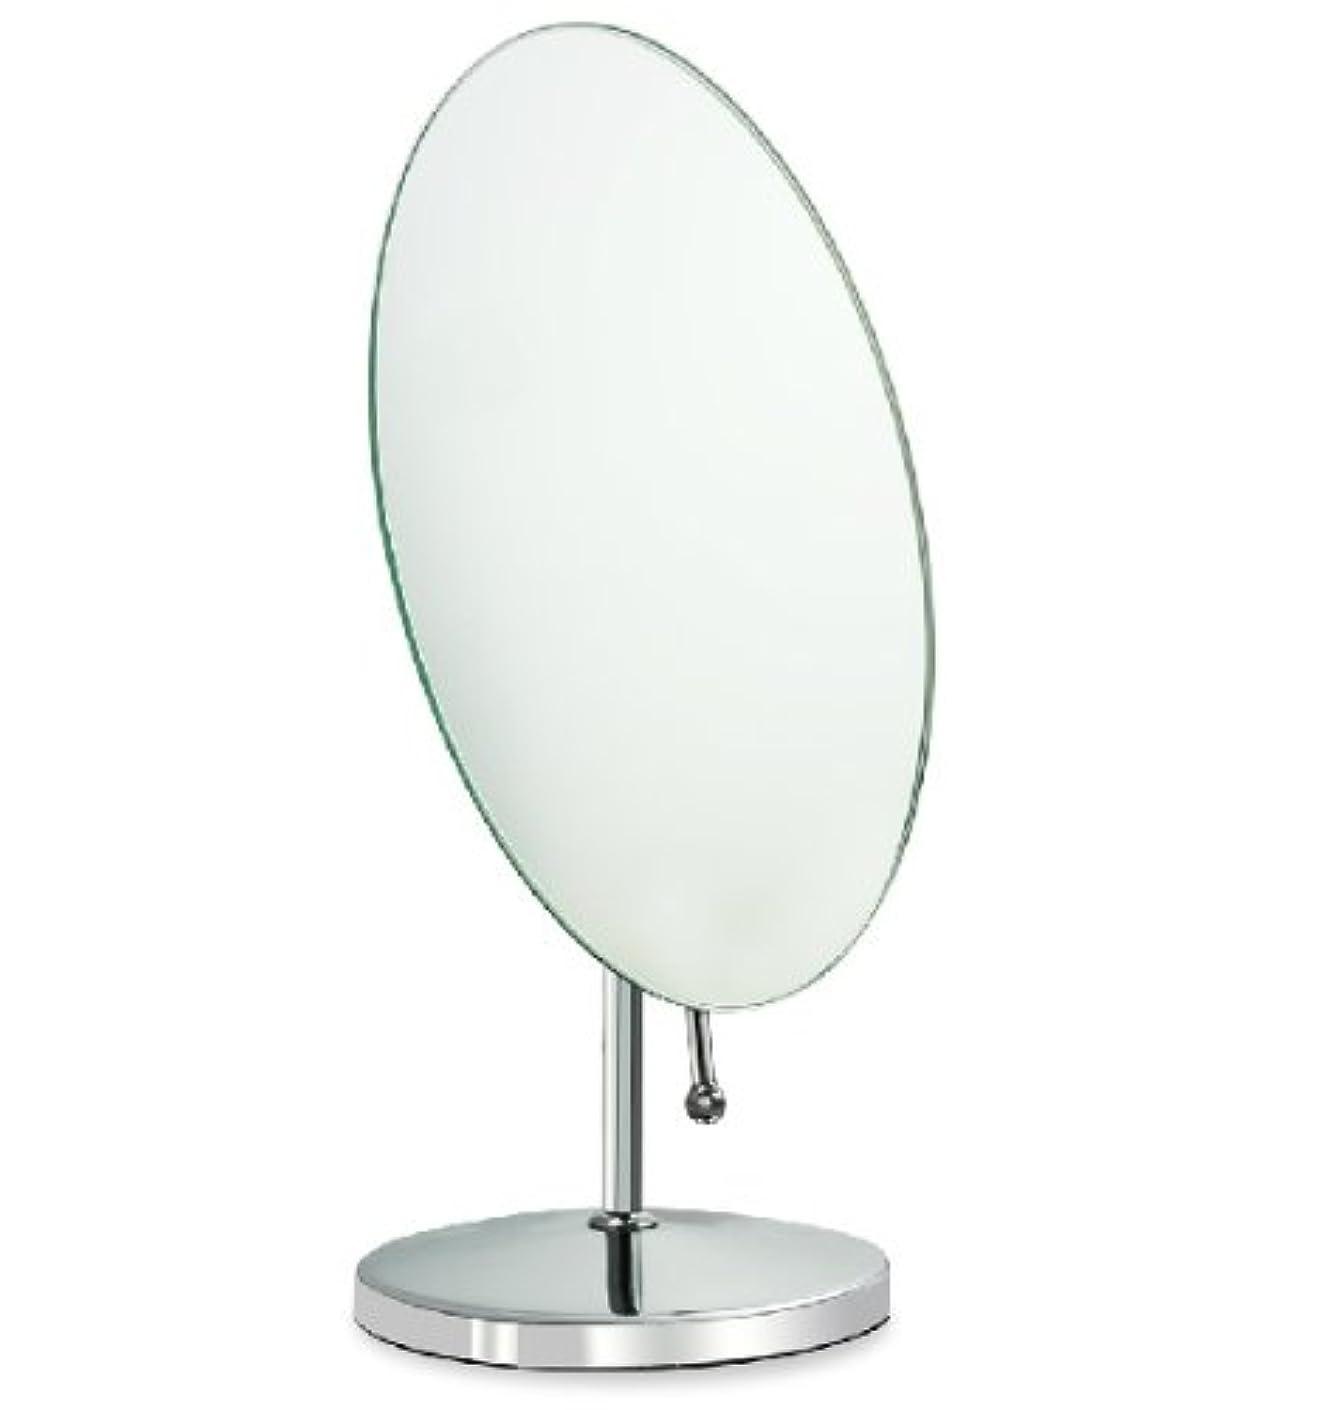 非常に怒っています効果上げる鏡 卓上鏡 化粧鏡 スタンドミラー 全方向可動式 取っ手付き鏡 大きめな楕円形